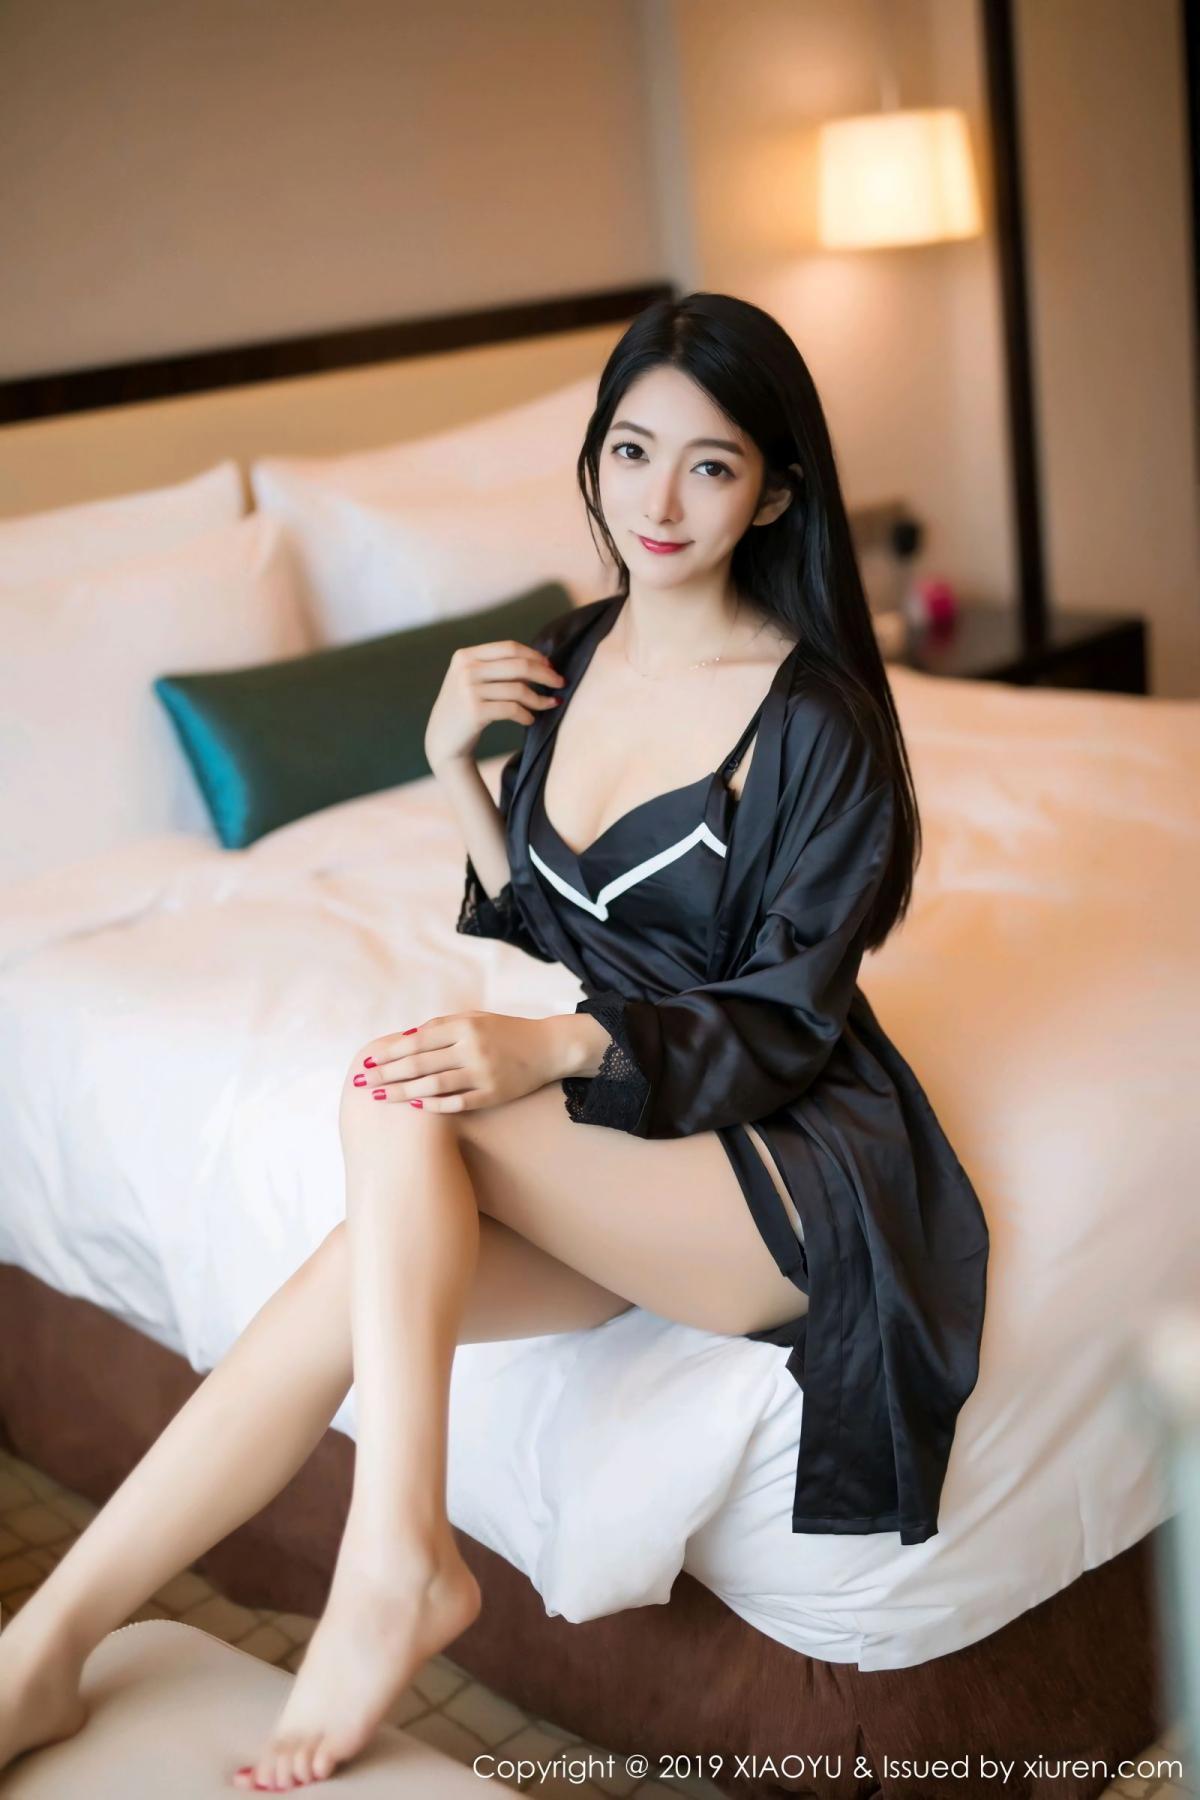 [XiaoYu] Vol.103 Di Yi 8P, Di Yi, Underwear, XiaoYu